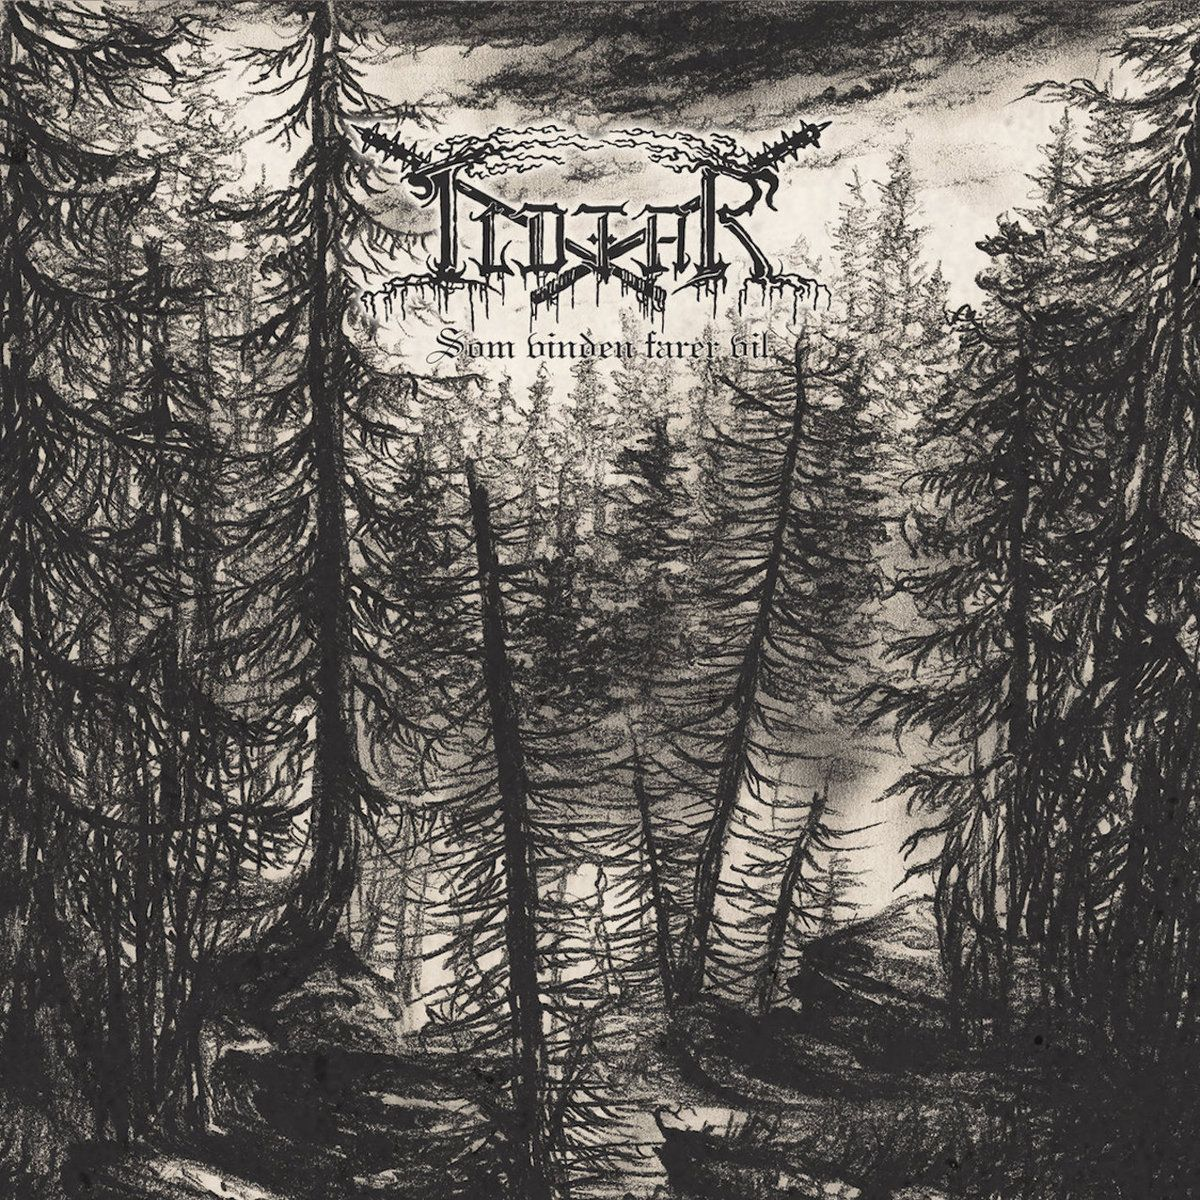 Reviews for Ildfar - Som Vinden Farer Vil